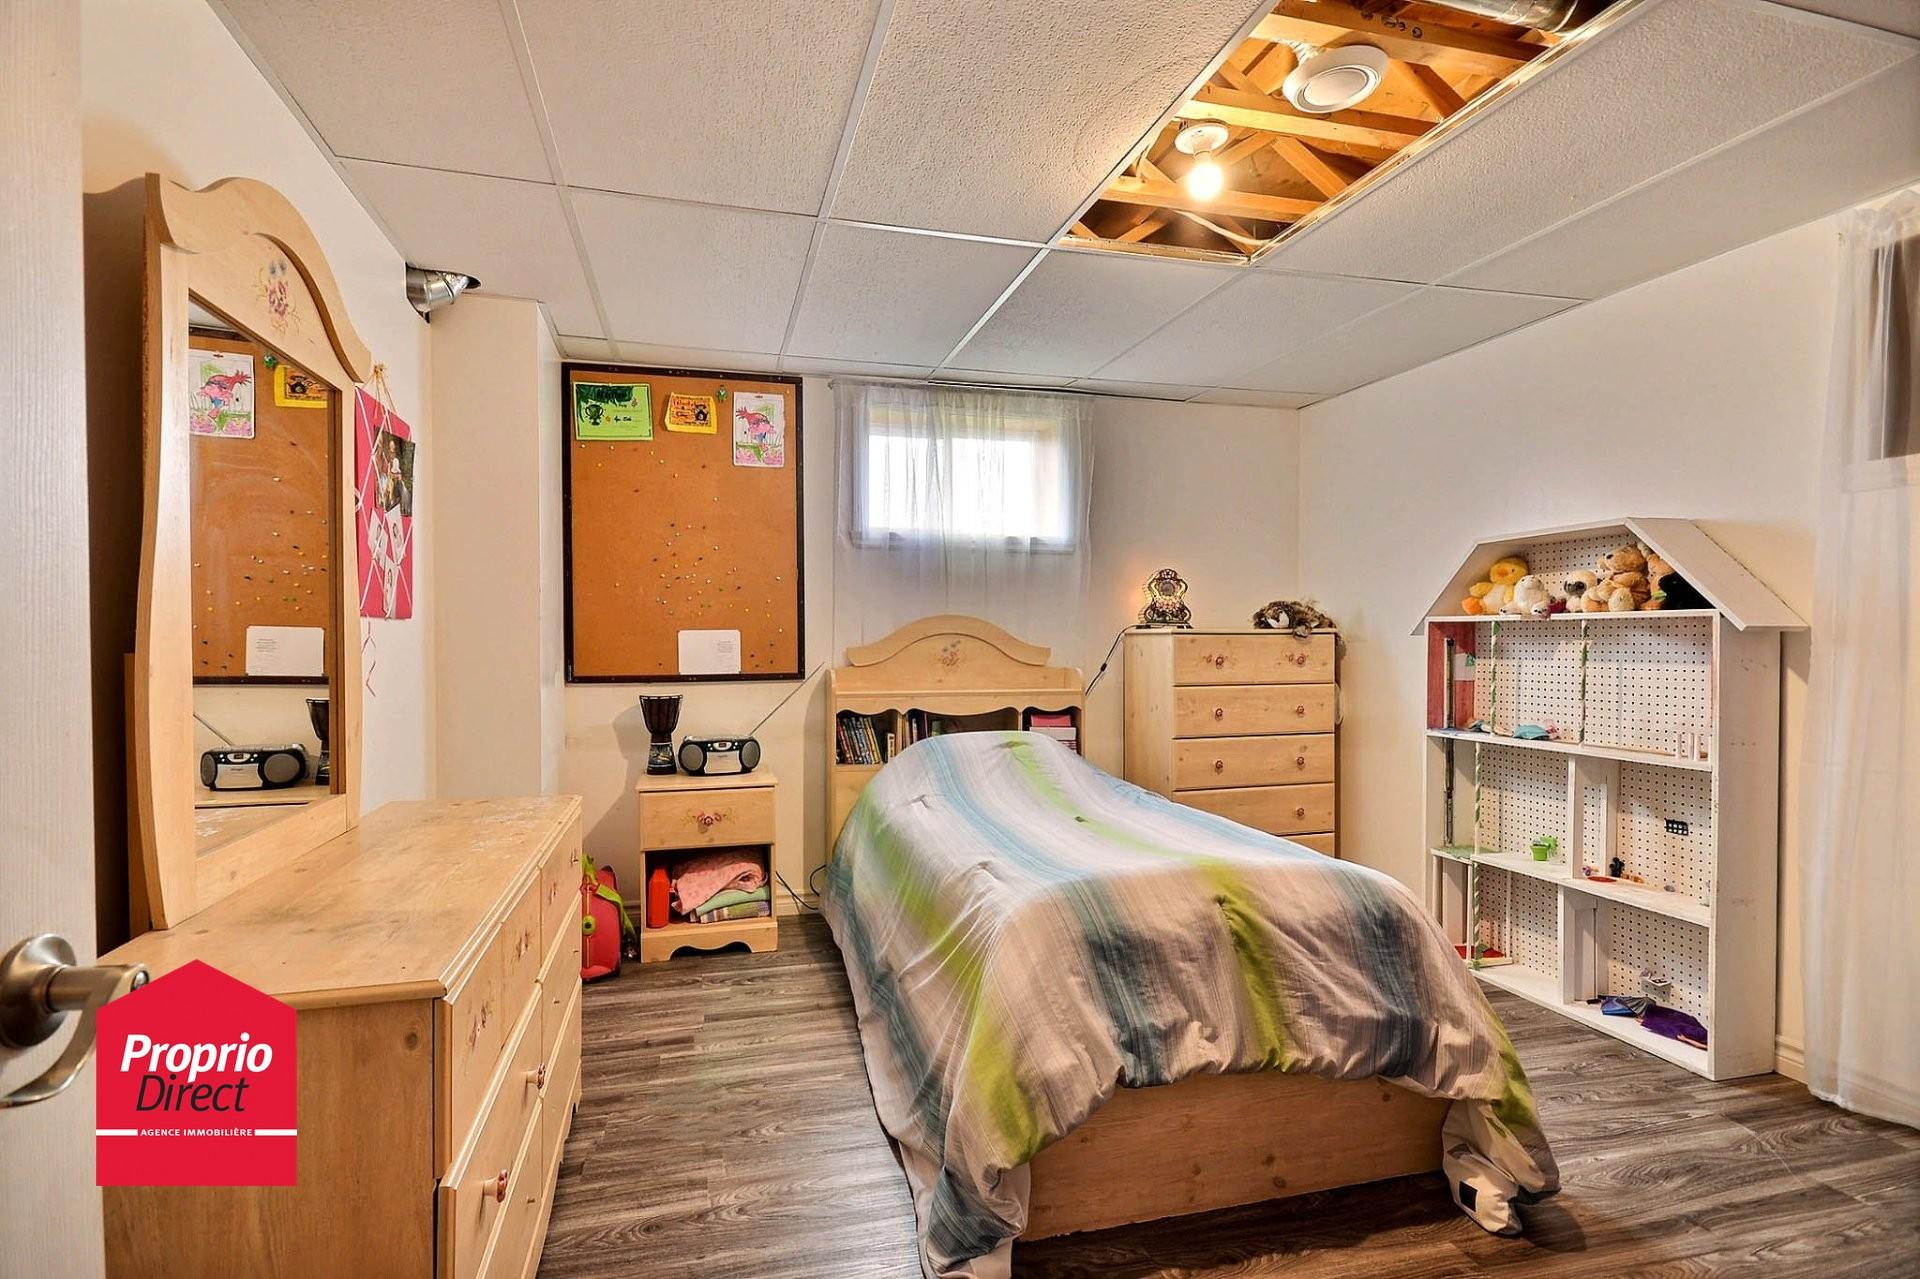 Maison de plain pied vendre 29 rue lucile rolin howick for Acheter une chambre a coucher